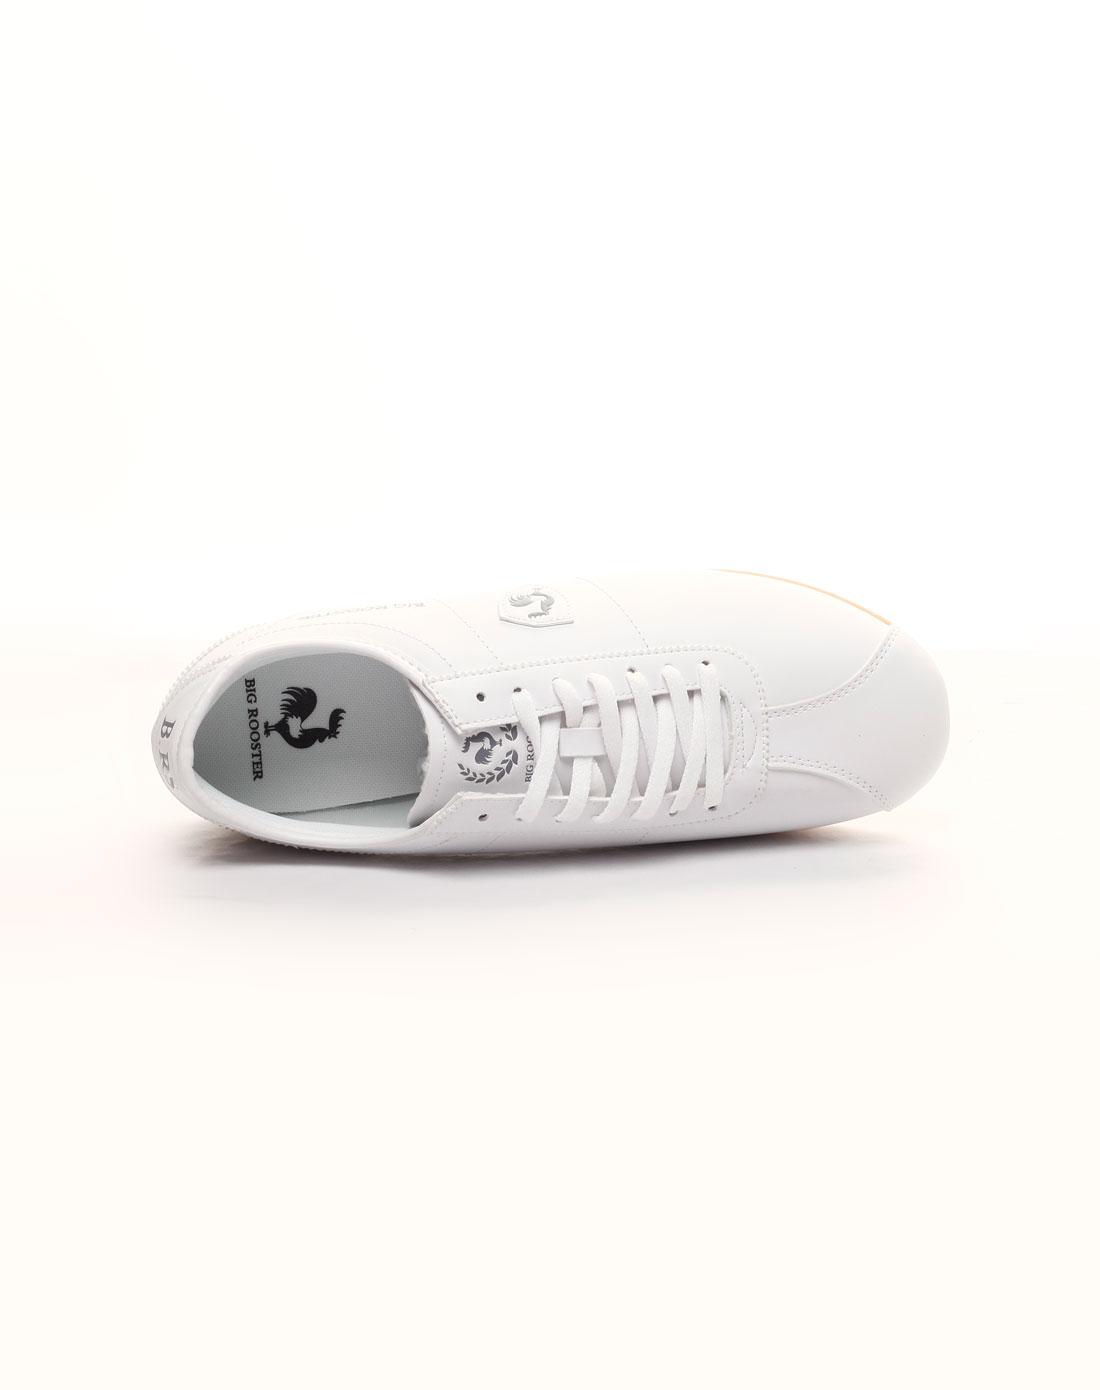 rooster白色简约运动鞋rs71037-4